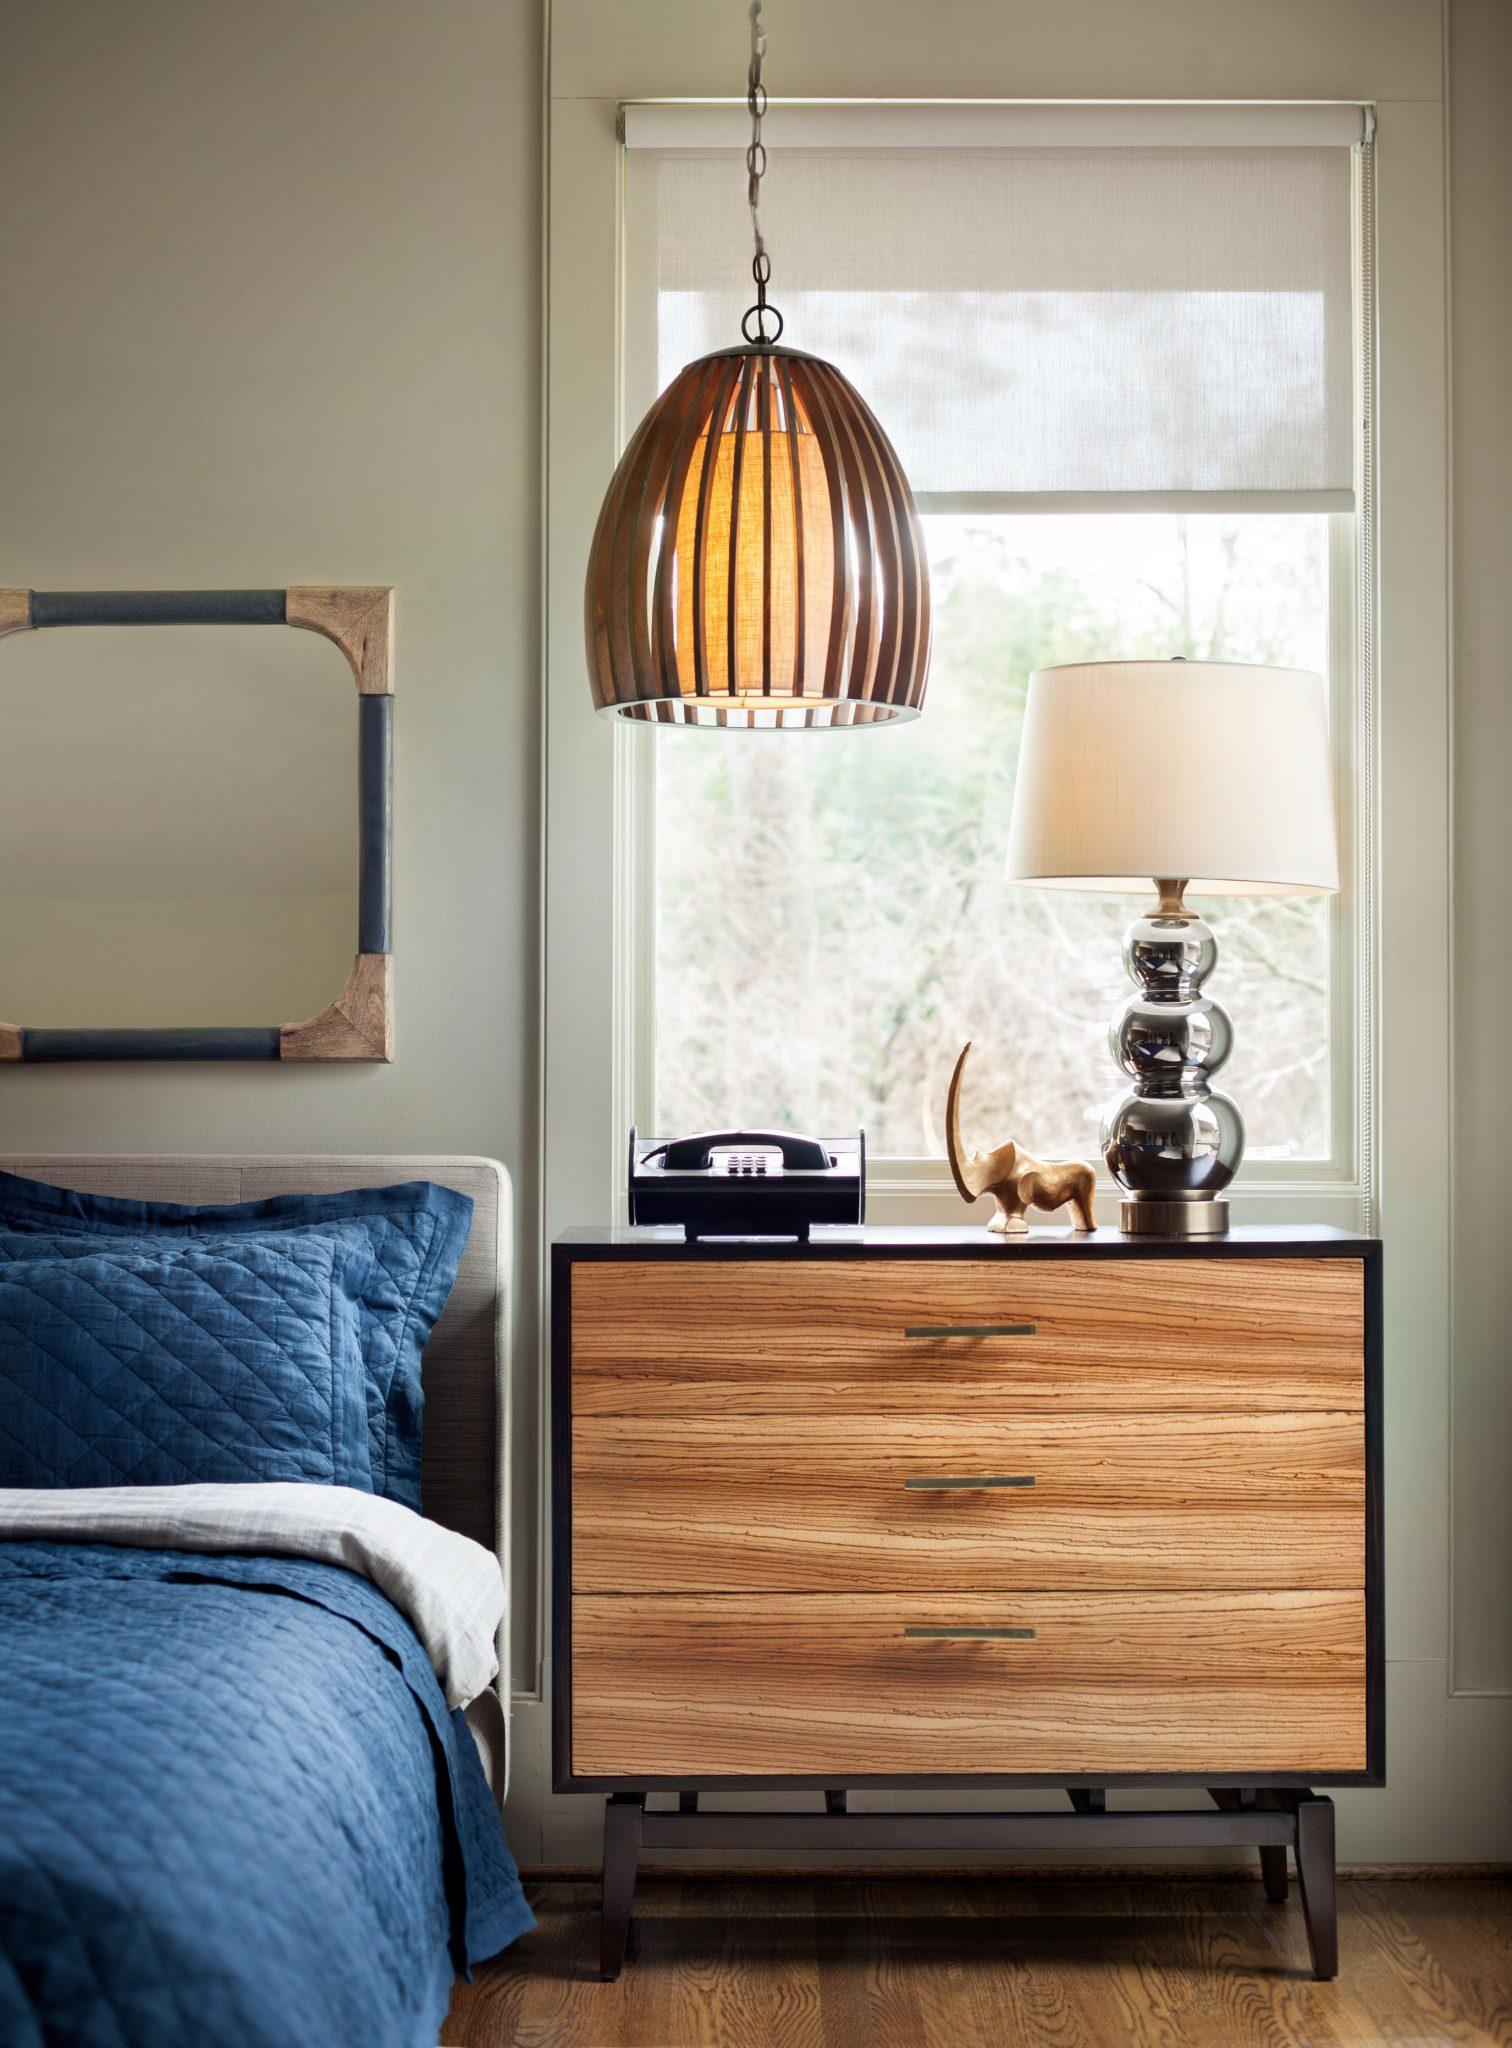 Bedroom Lighting Supplier